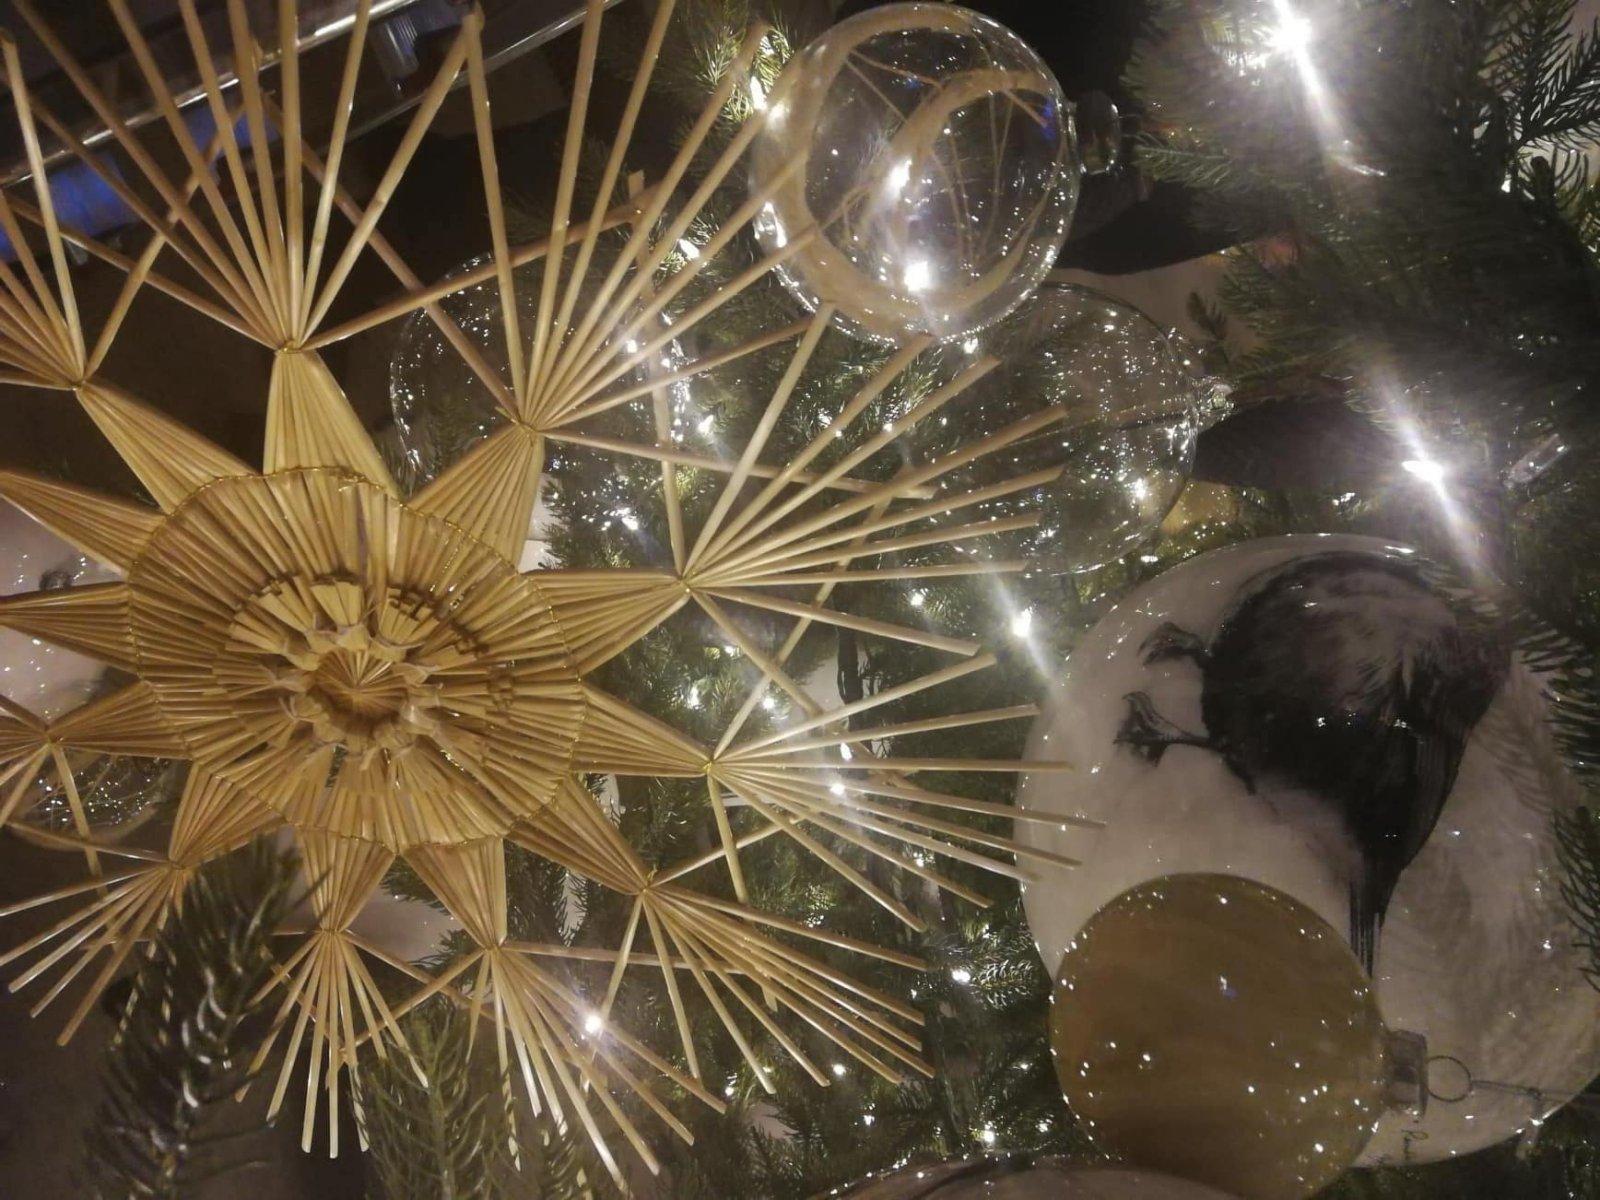 FOTOD JA VIDEOD | Esimene advent on käes:  vaata, kui kaunis on tänavune Niguliste jõulukuusk